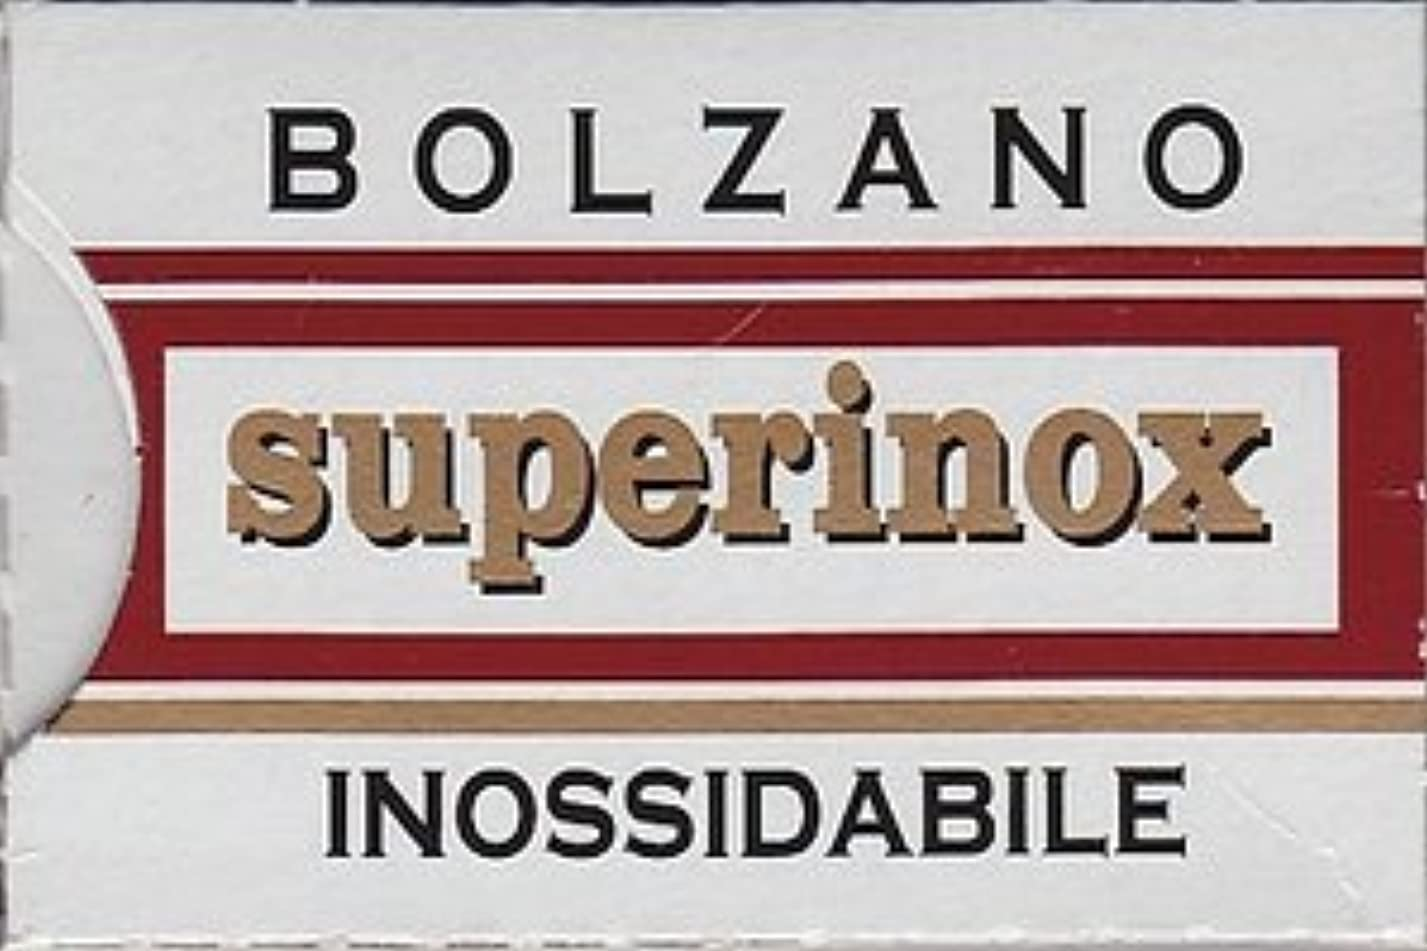 枯渇する忙しい面積Bolzano Superinox Inossidabile 両刃替刃 5枚入り(5枚入り1 個セット)【並行輸入品】